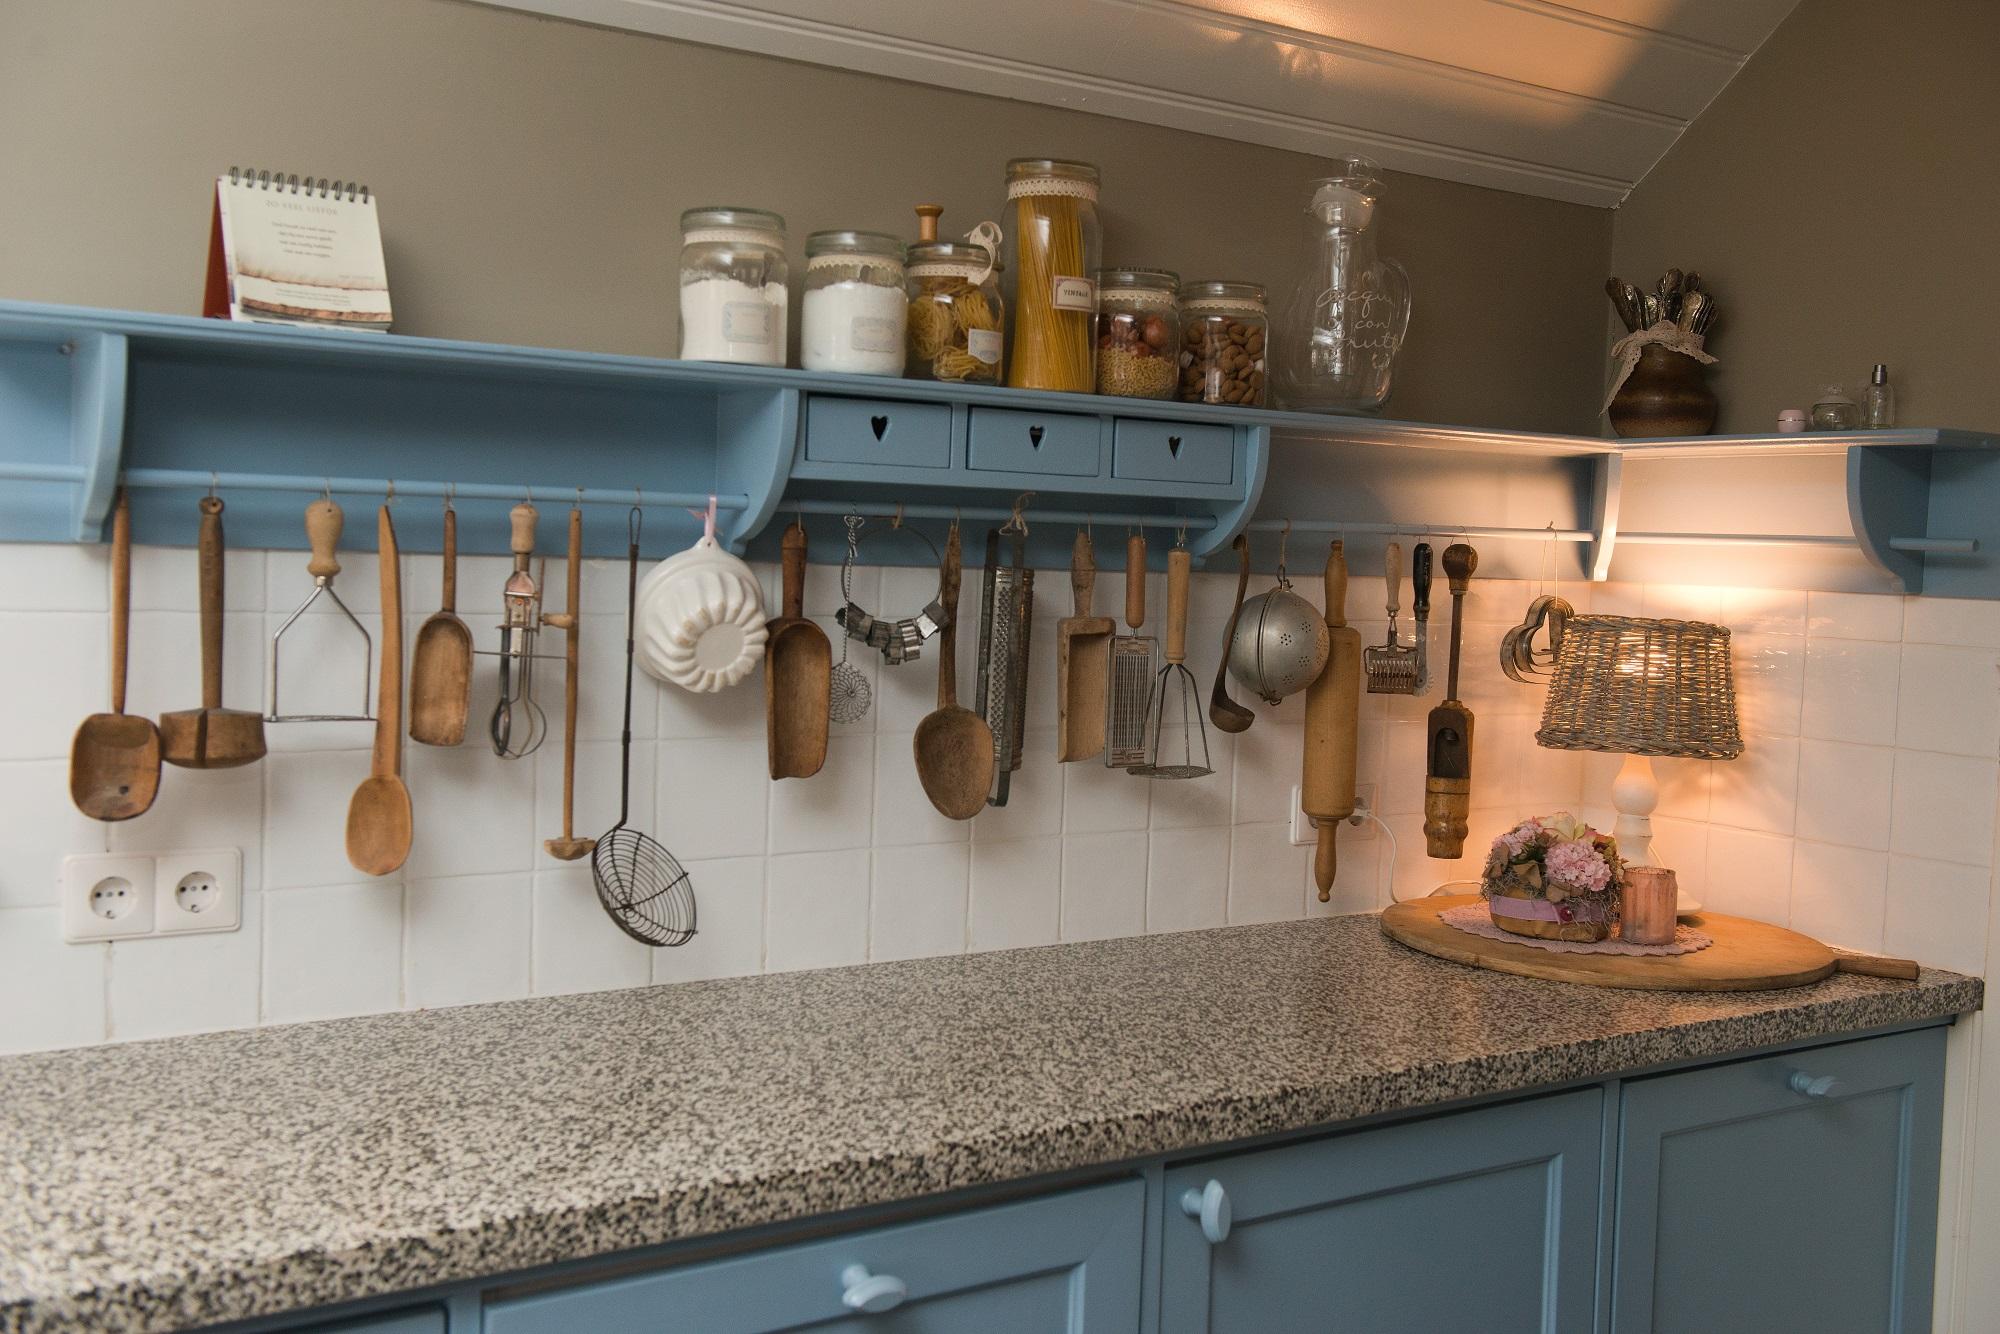 Blauwe Landelijke Keuken : landelijke blauwe keuken categorie keukens